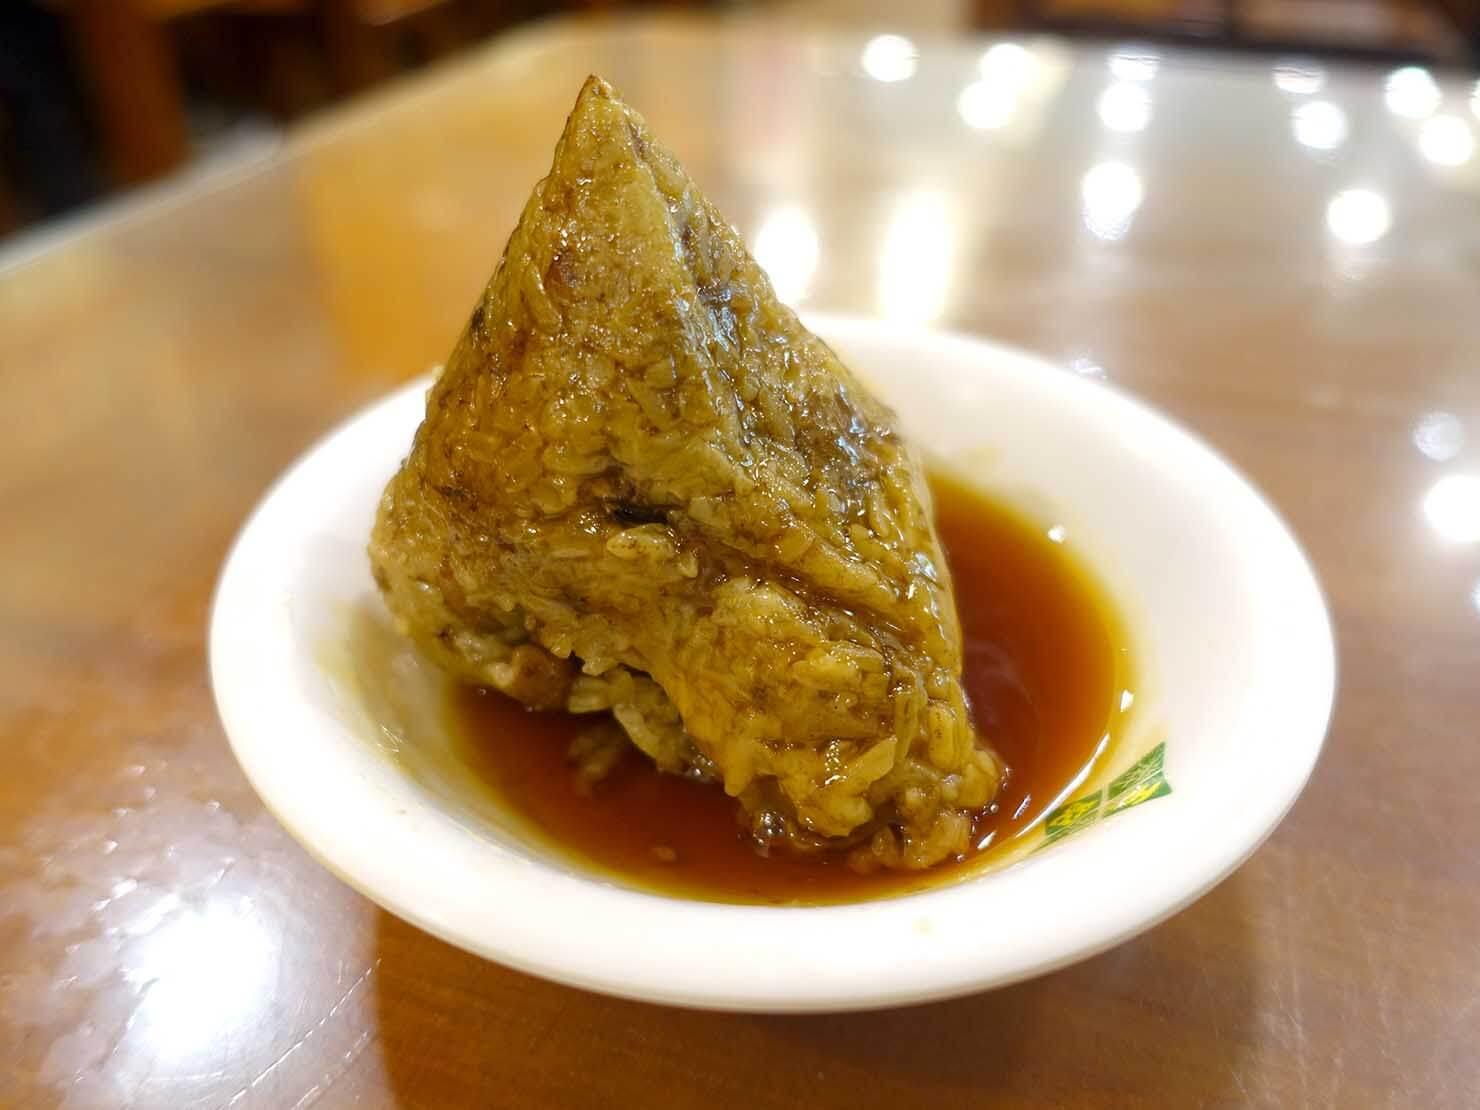 台北・南京復興駅周辺のおすすめグルメ店「王記府城肉粽」の肉粽